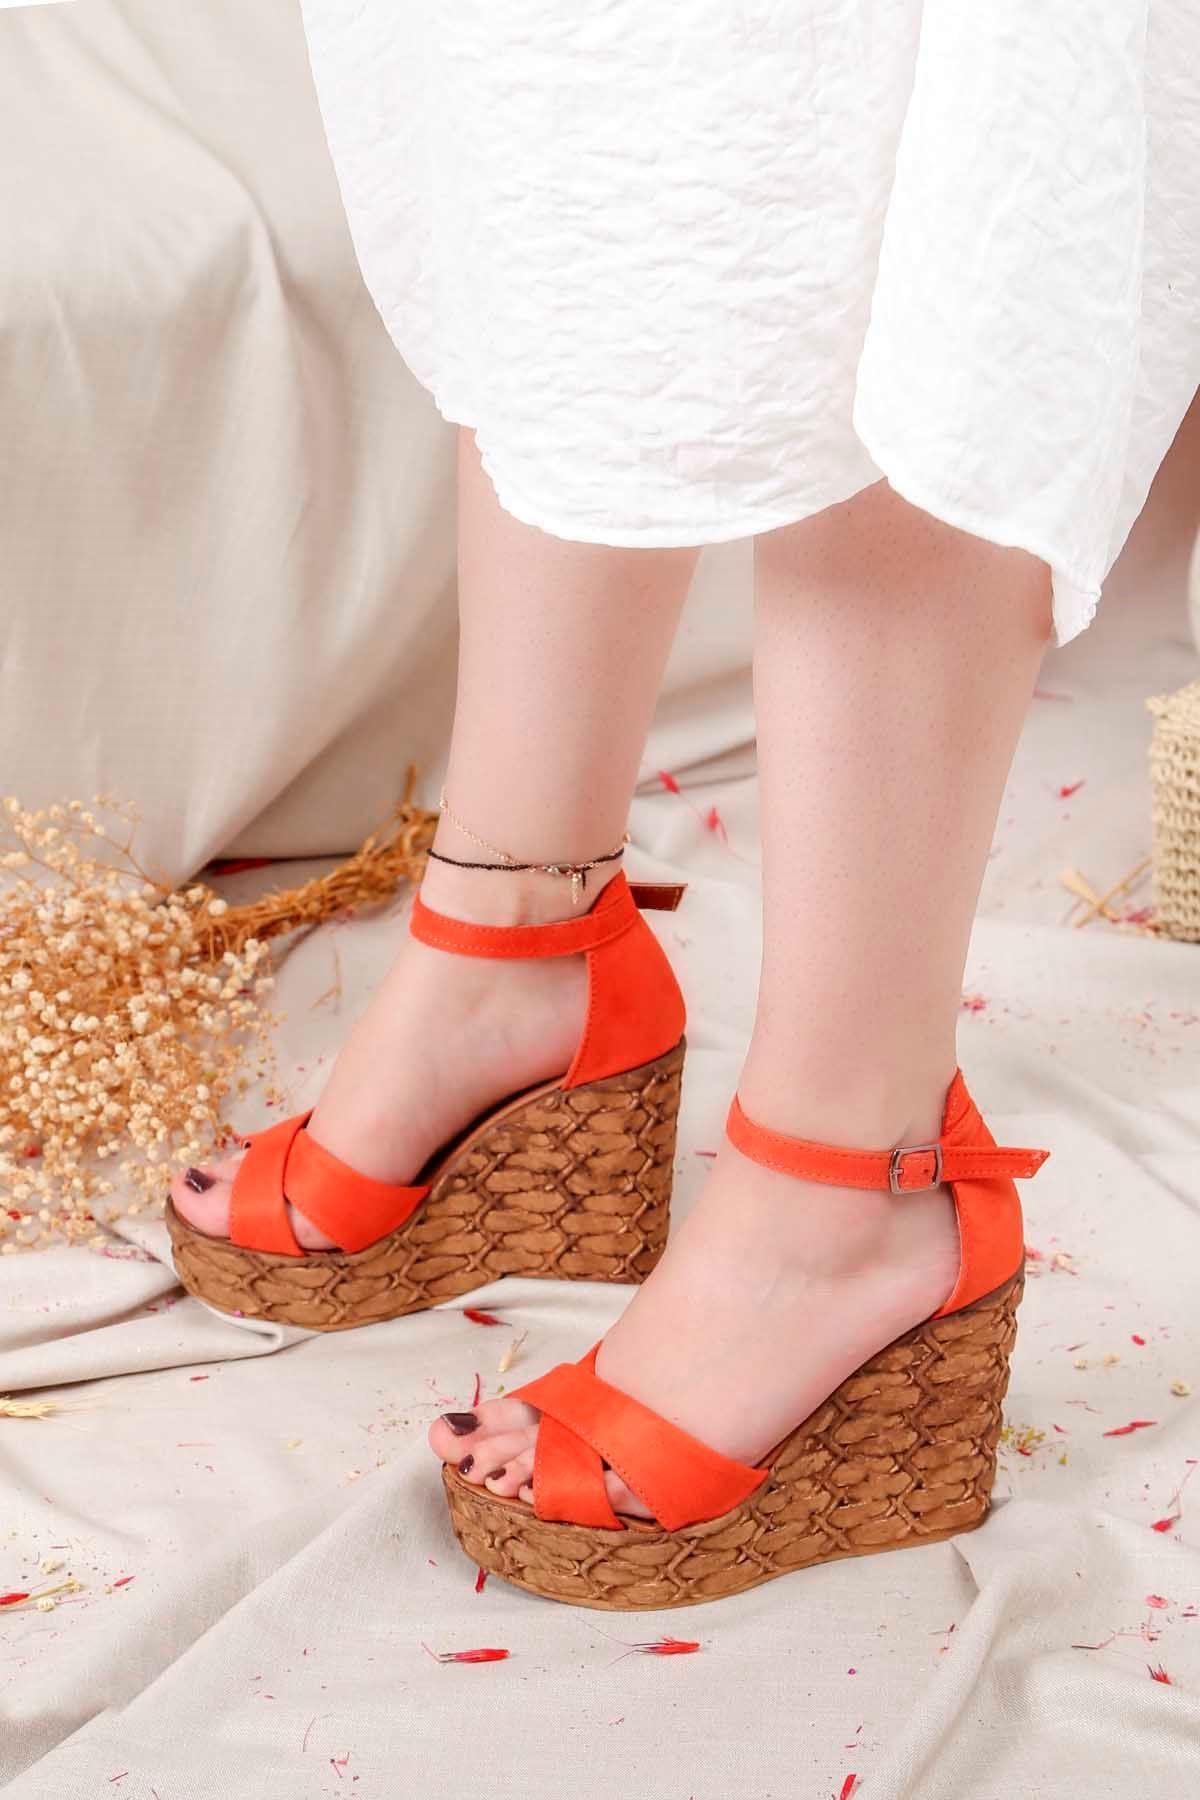 Frm-003 Yüksek Taban Sandalet Turuncu Süet